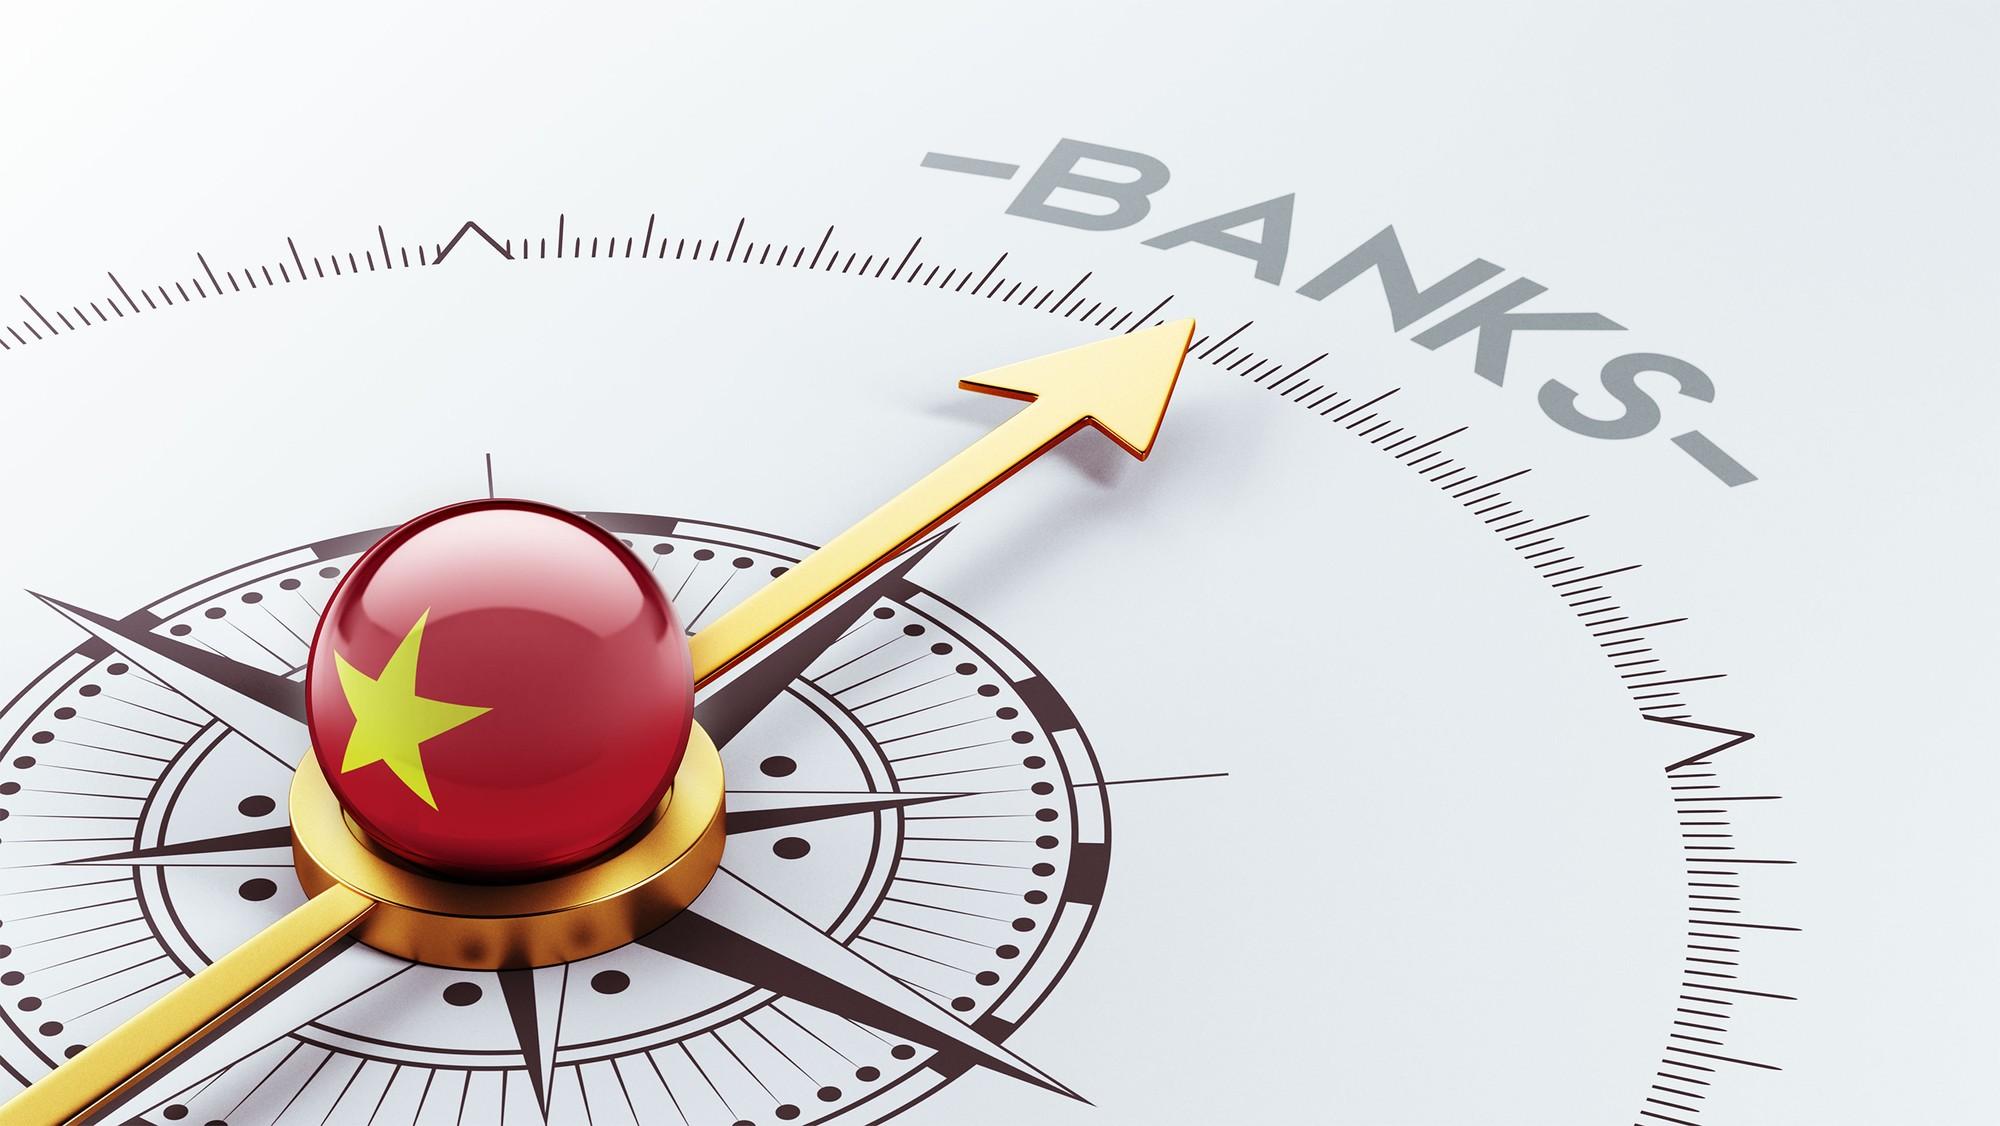 Làm rõ trách nhiệm trong xuất khẩu gạo, xử lý dứt điểm ngân hàng mua bắt buộc